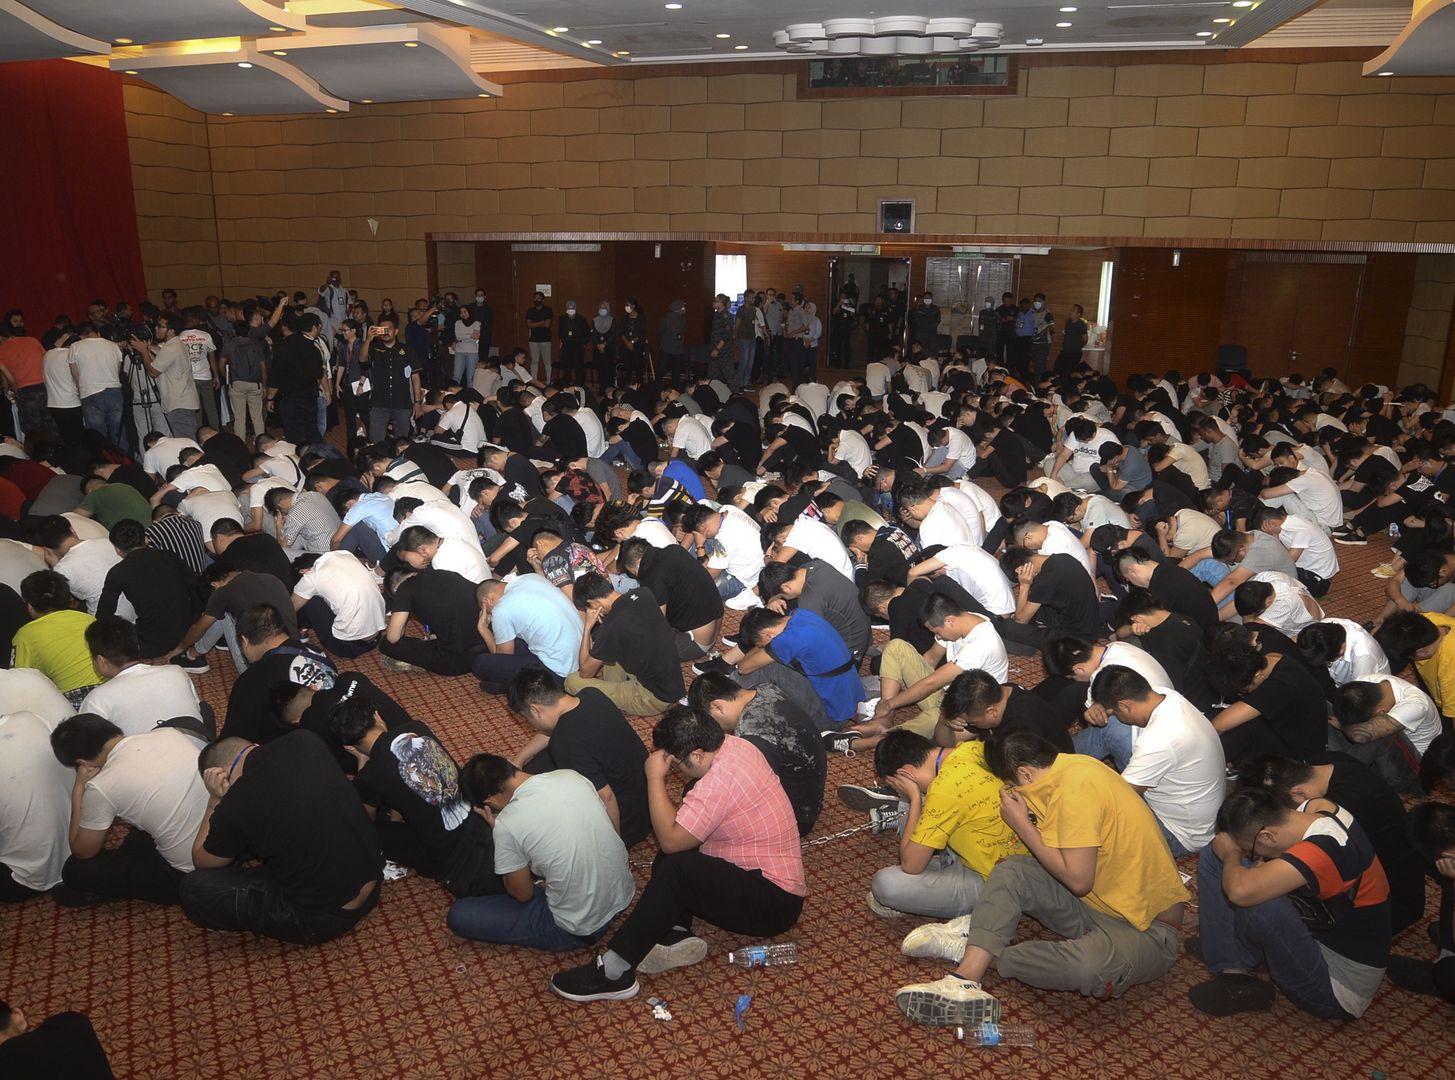 680名中國籍人員被捕。AP